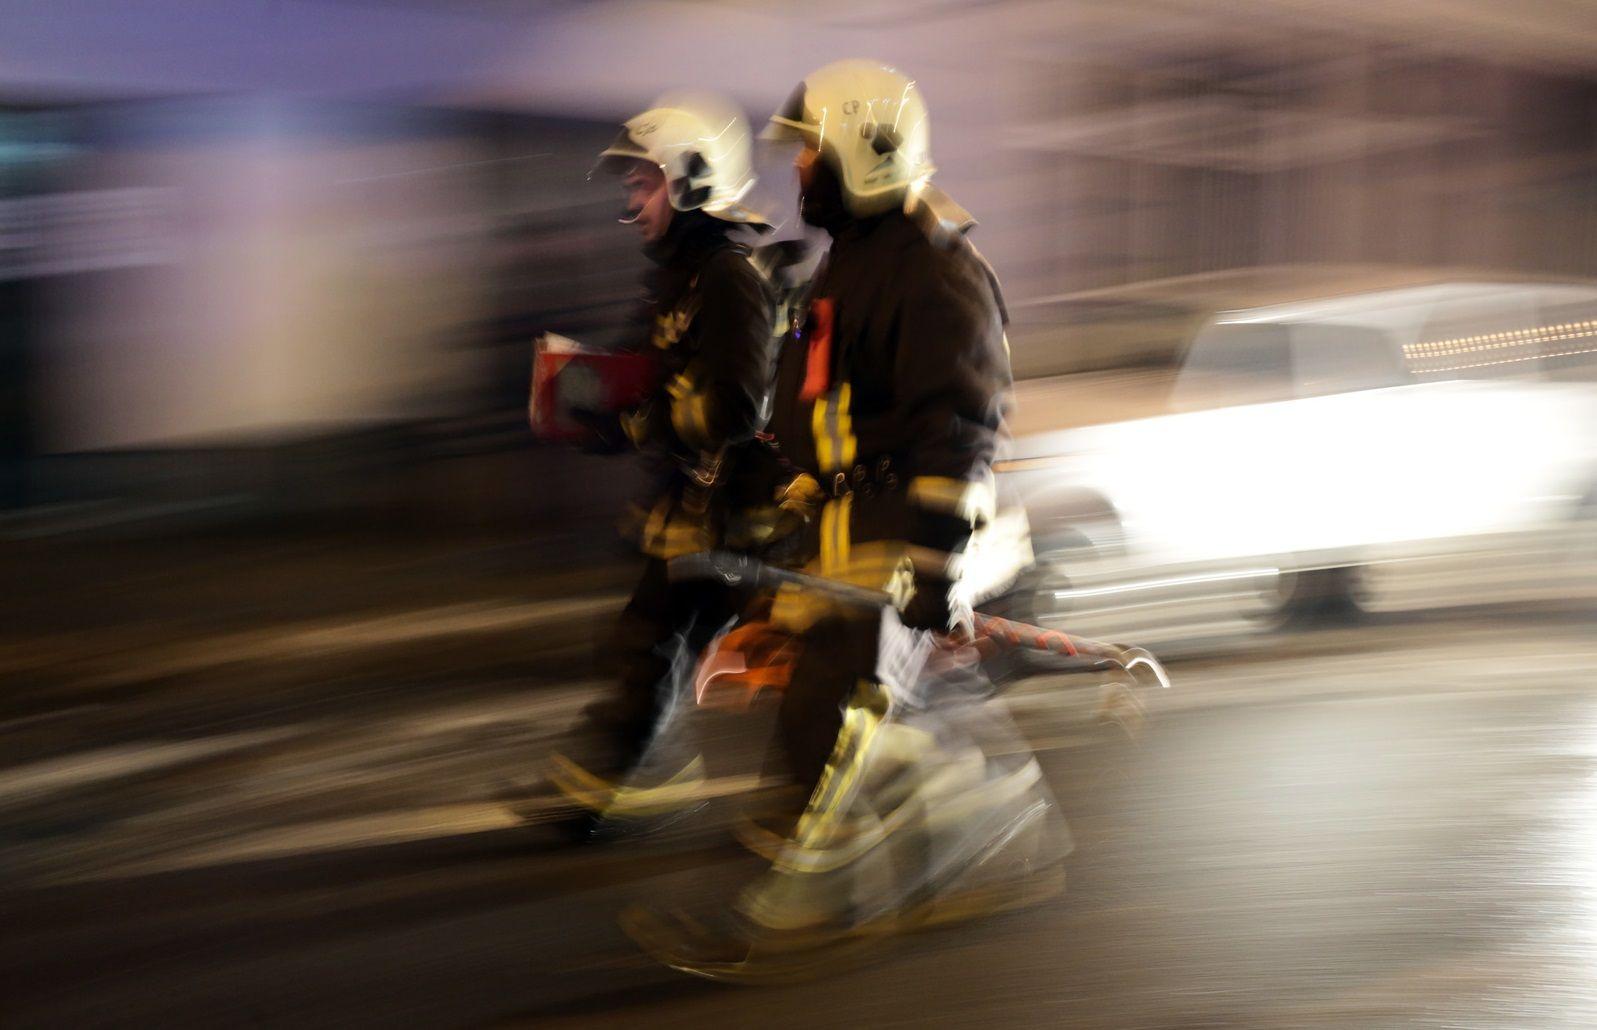 На юге Москвы эвакуировали торговый центр из-за возгорания. 16 13 • 11  января, 2019 18+. Поделиться. Пострадавших нет. Фото  Анна Иванцова c74037c3333